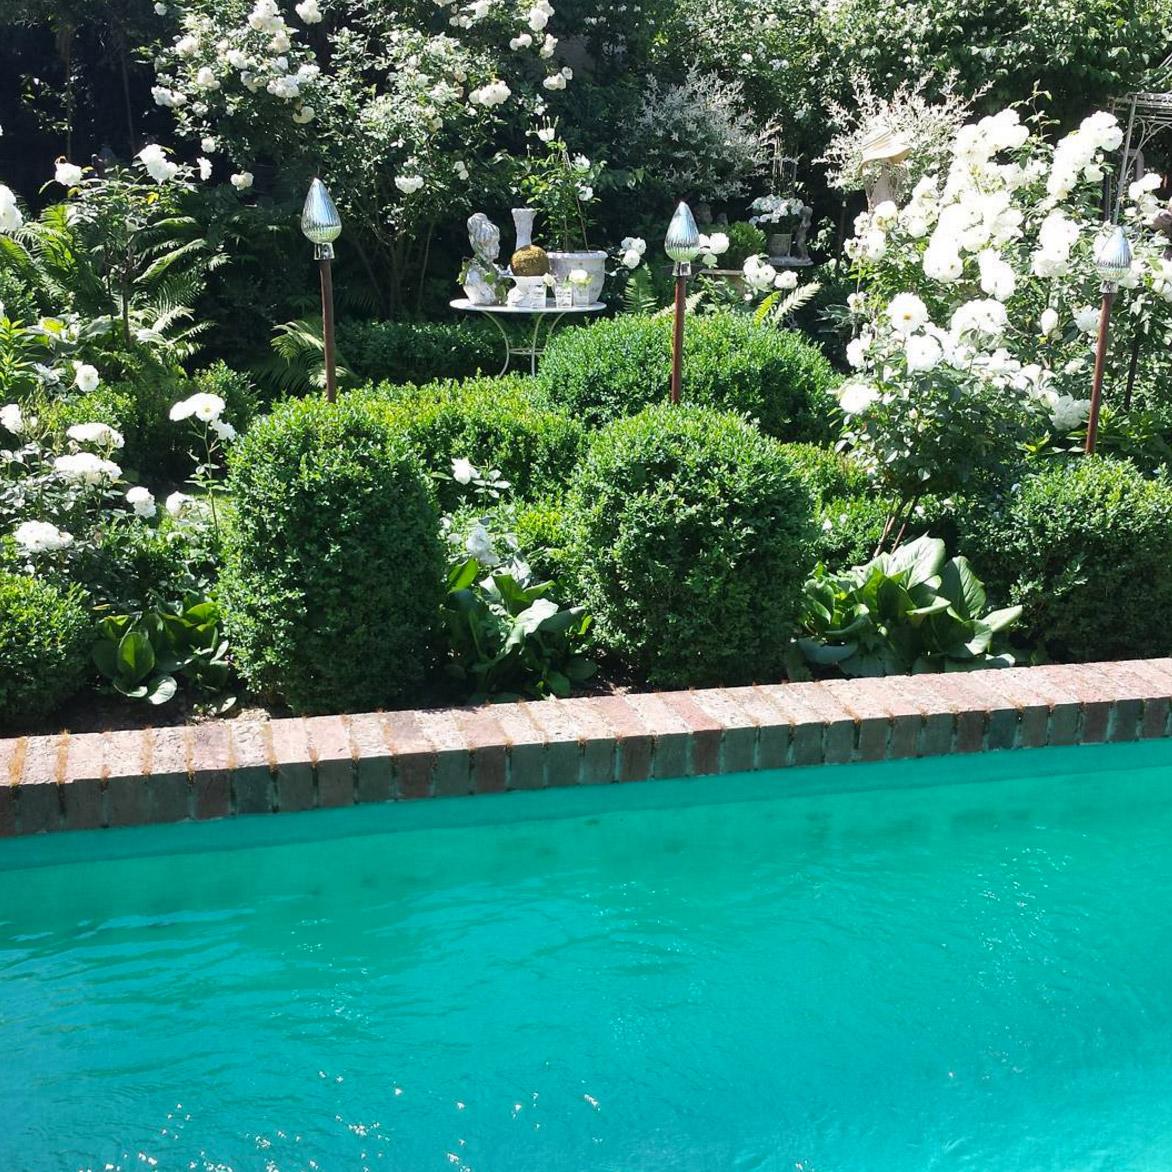 buchsbaum-rosen-garten-anlegen-ideen